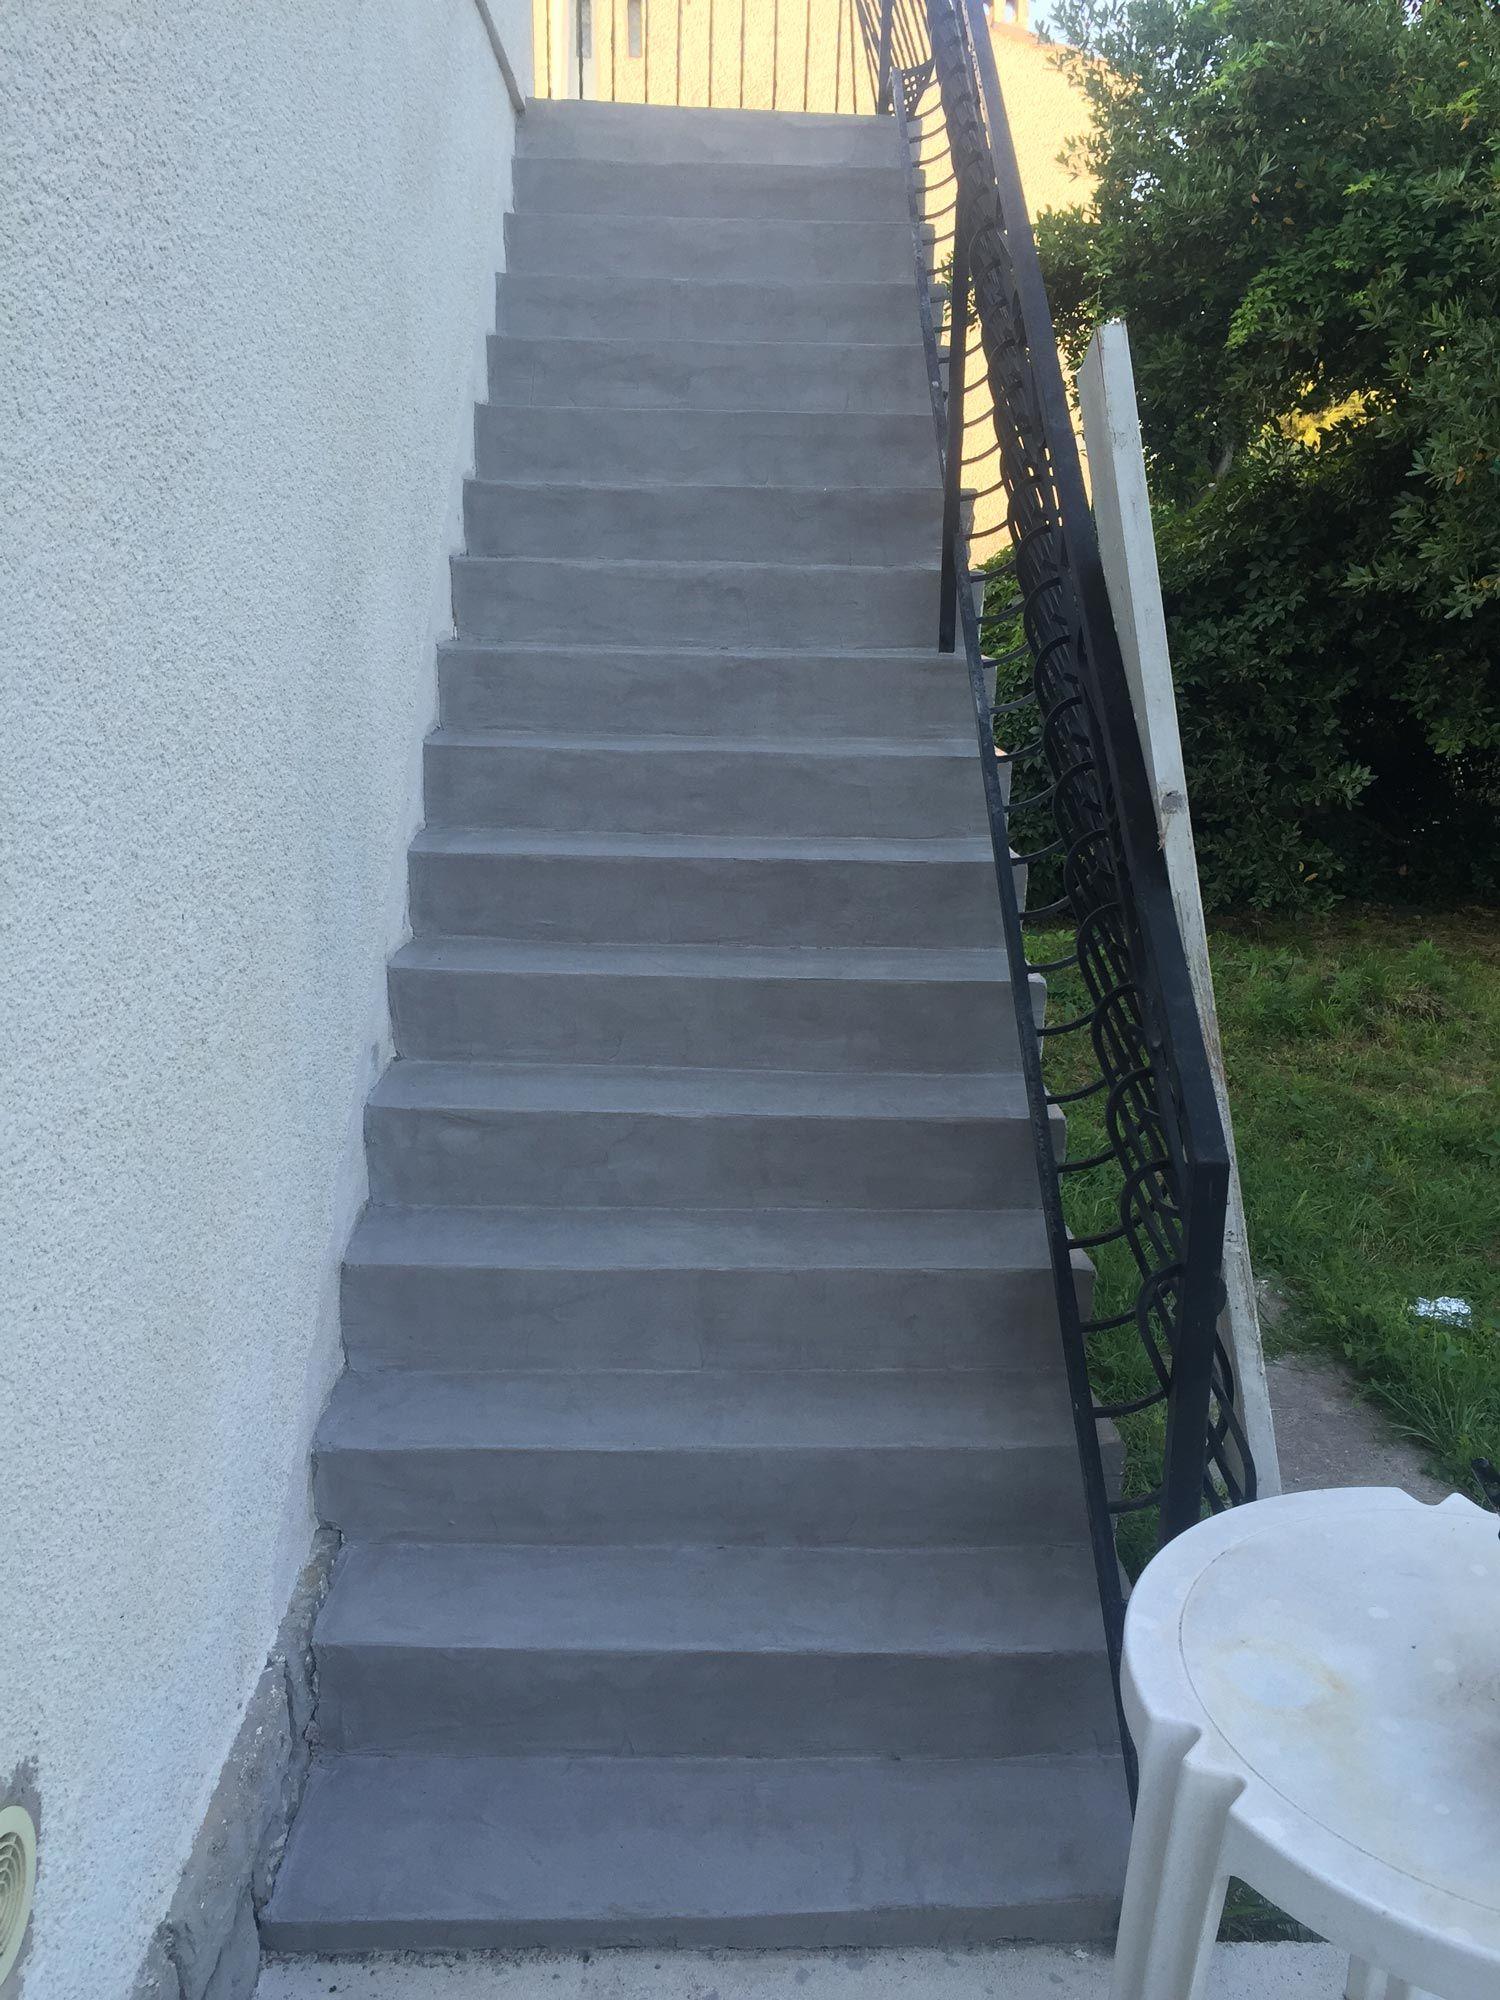 Renovation D Un Escalier D Exterieur Avec Beton Mineral Exterieur Coloris Pierre De Lun Renover Escalier Exterieur Escalier Exterieur Beton Repeindre Escalier